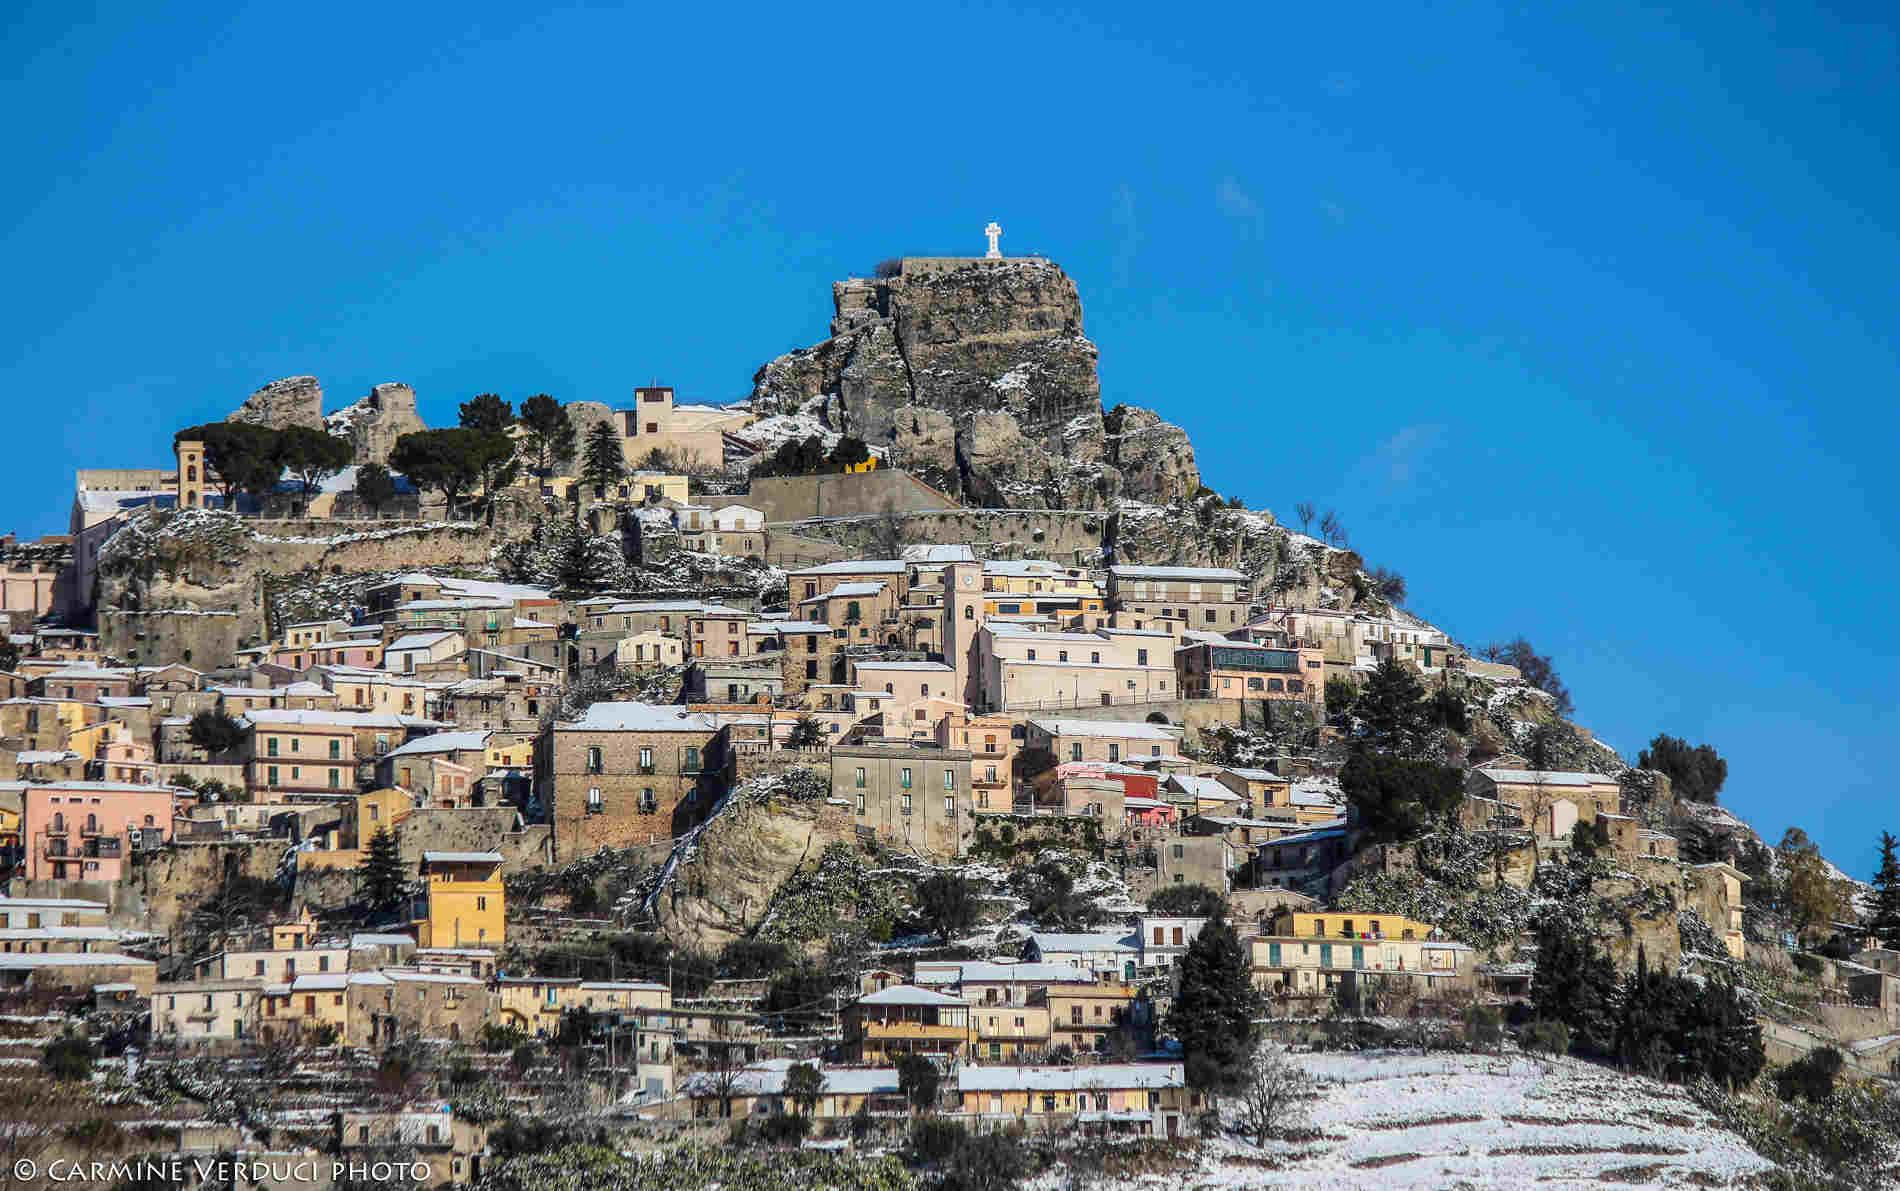 Perchè visitare Bova, borgo fra i più belli d'Italia